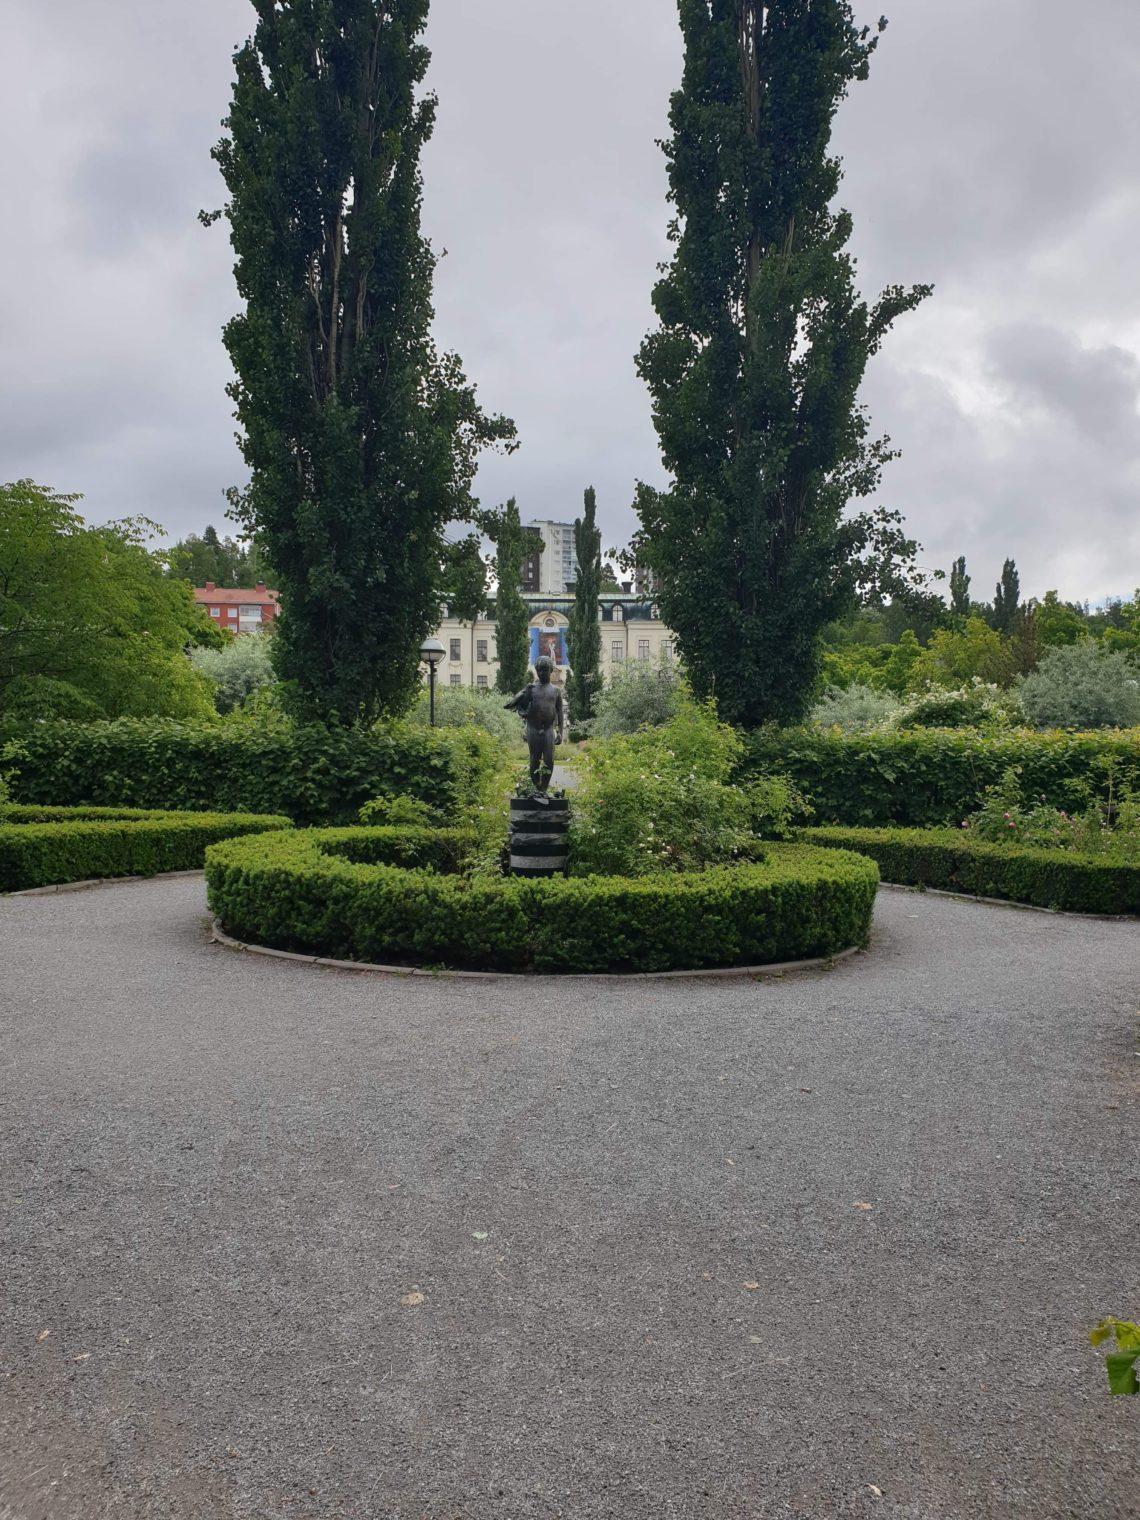 Örnparken